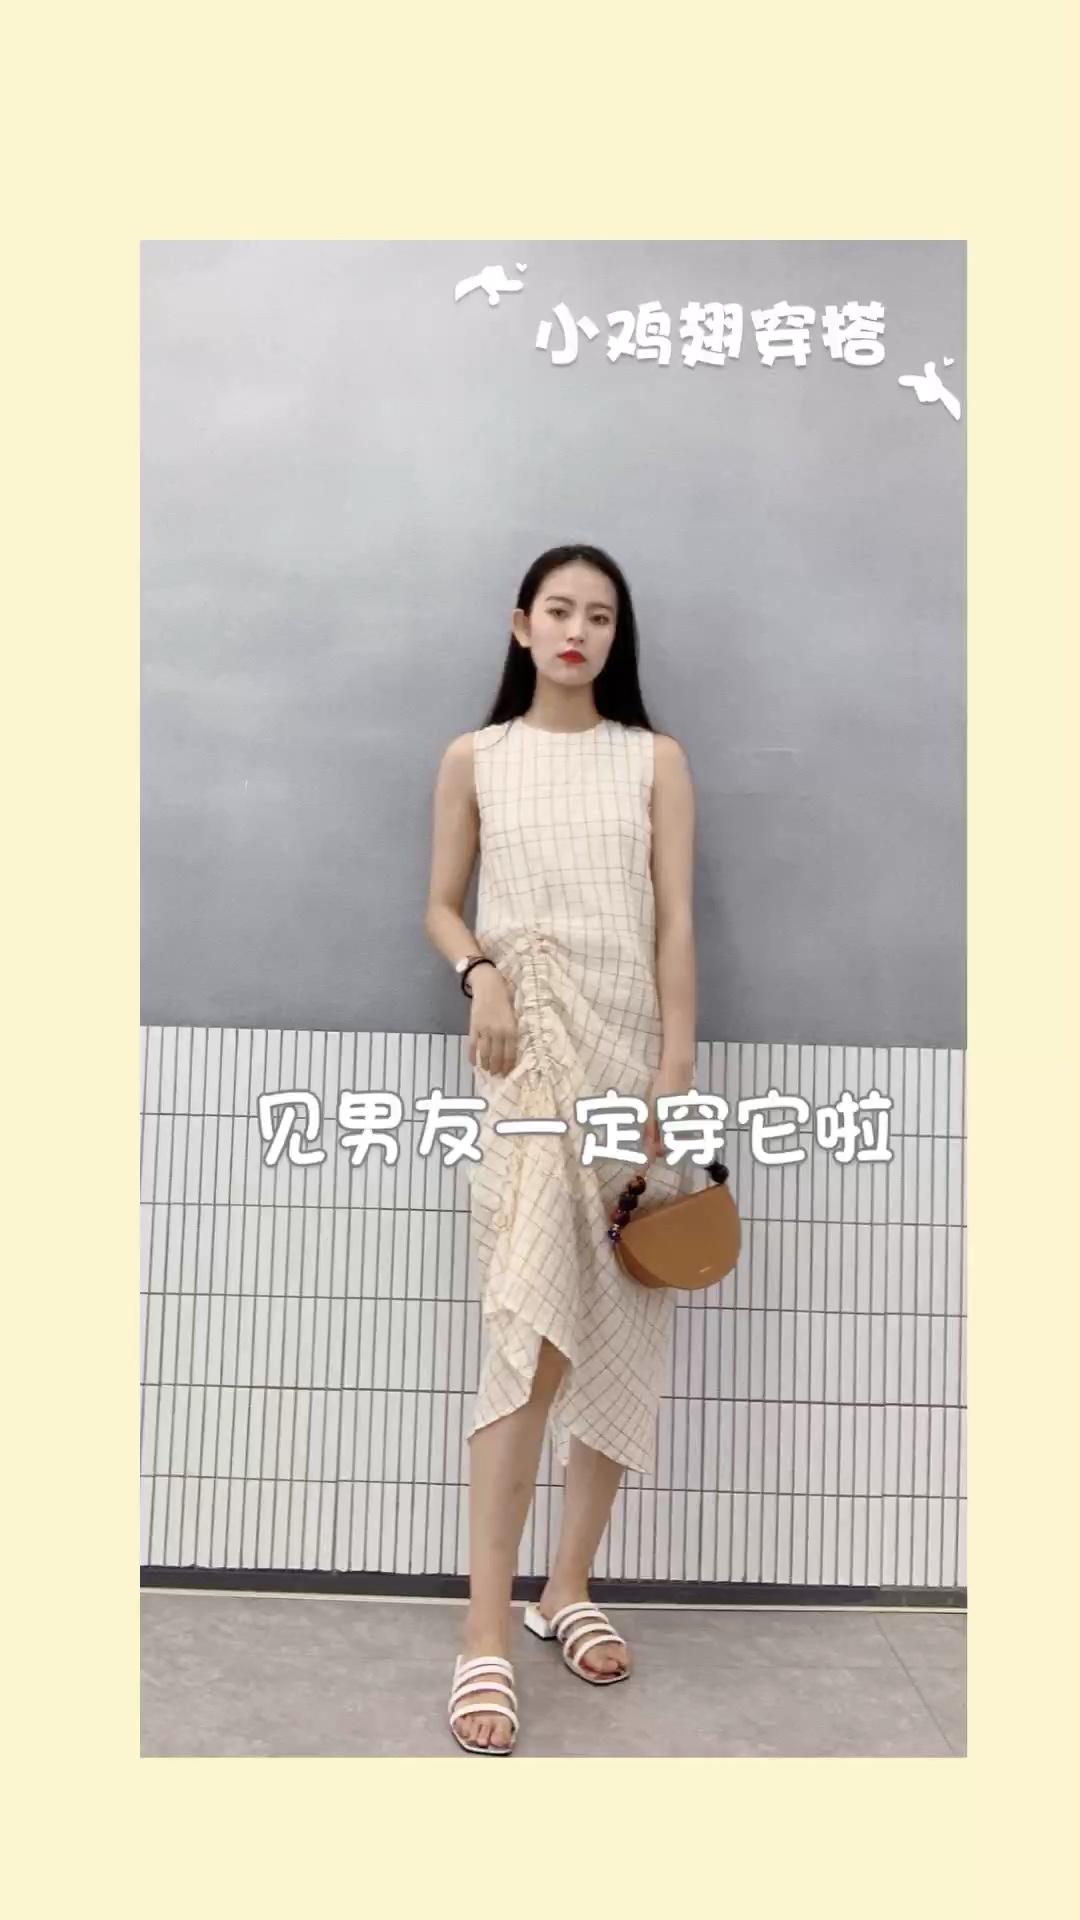 【复古格子连衣裙】 👗:so lighter 👜:北山制包所  一款简洁清爽的连衣裙~ 左侧做了很特别的褶皱设计  简单的小格子 非常适合夏天 #蘑菇街新品测评#